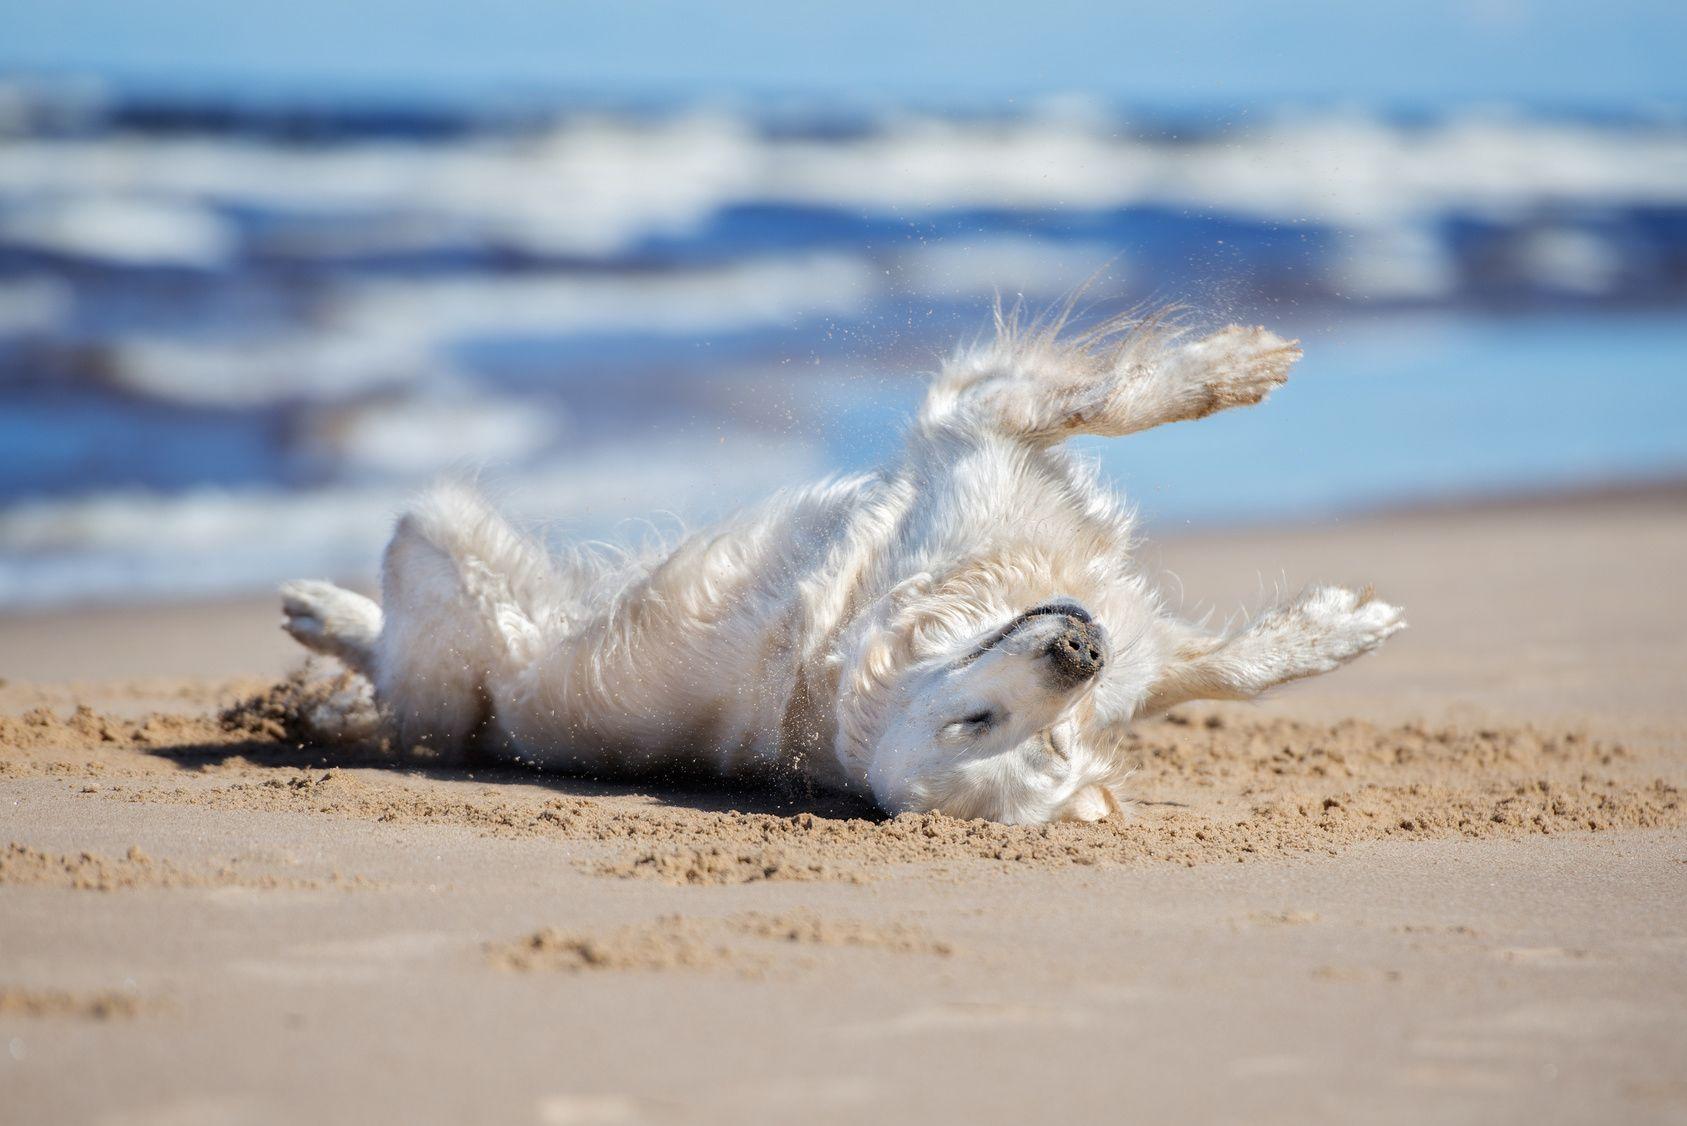 わんちゃんだって海が見たい!ペットと過ごせる東海地方のビーチ7選